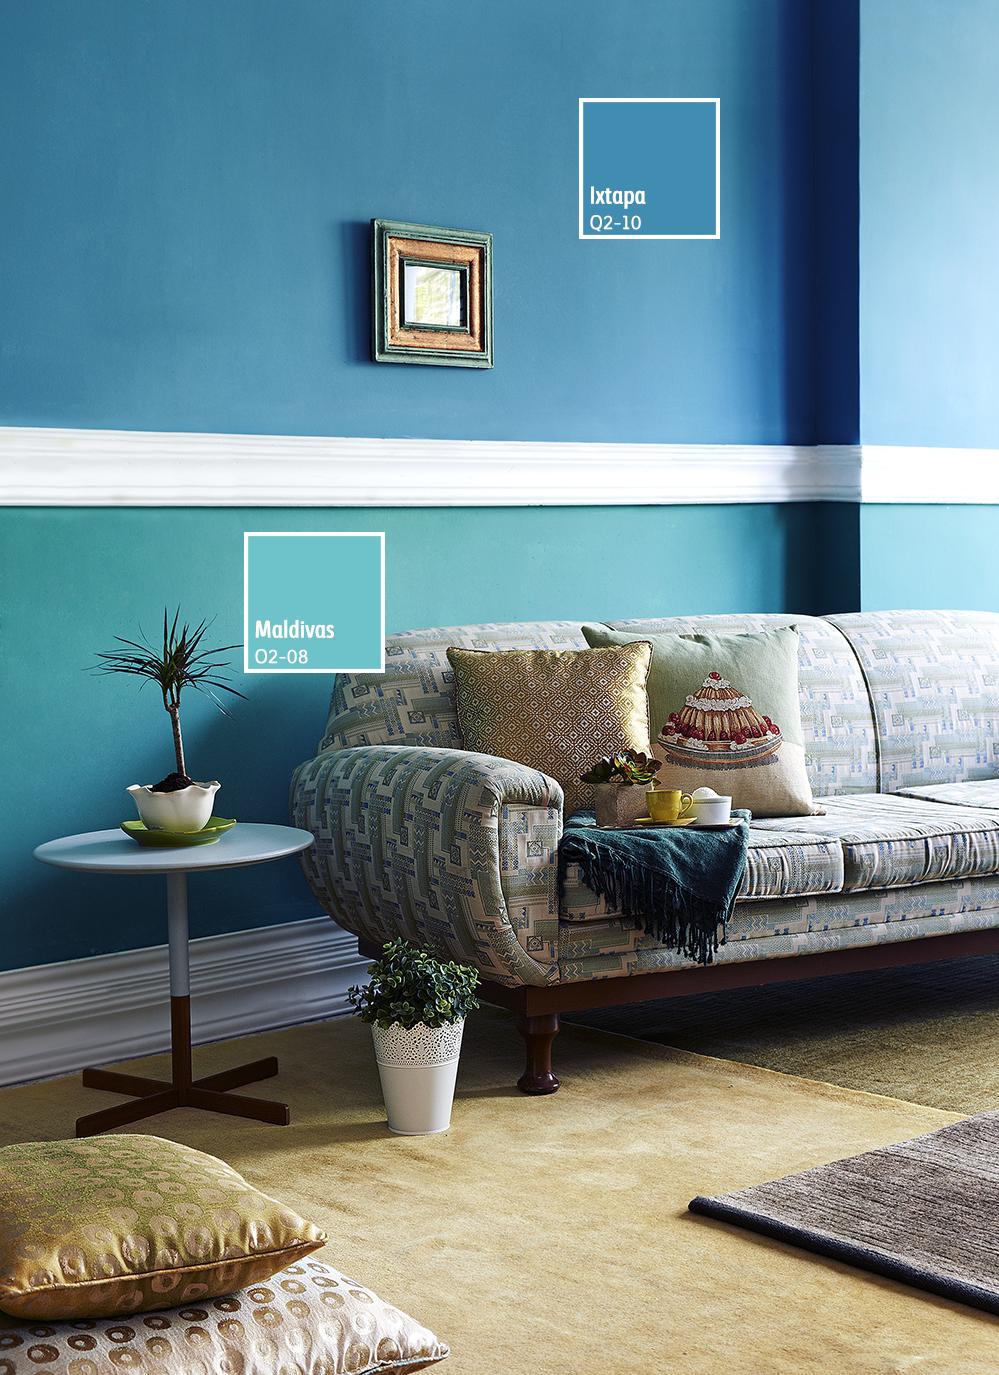 Los Tonos Azules Son Perfectos Para Darle Un Toque Vintage A Tus Espacios Pintura De Interiores Colores De Interiores Salas Coloridas